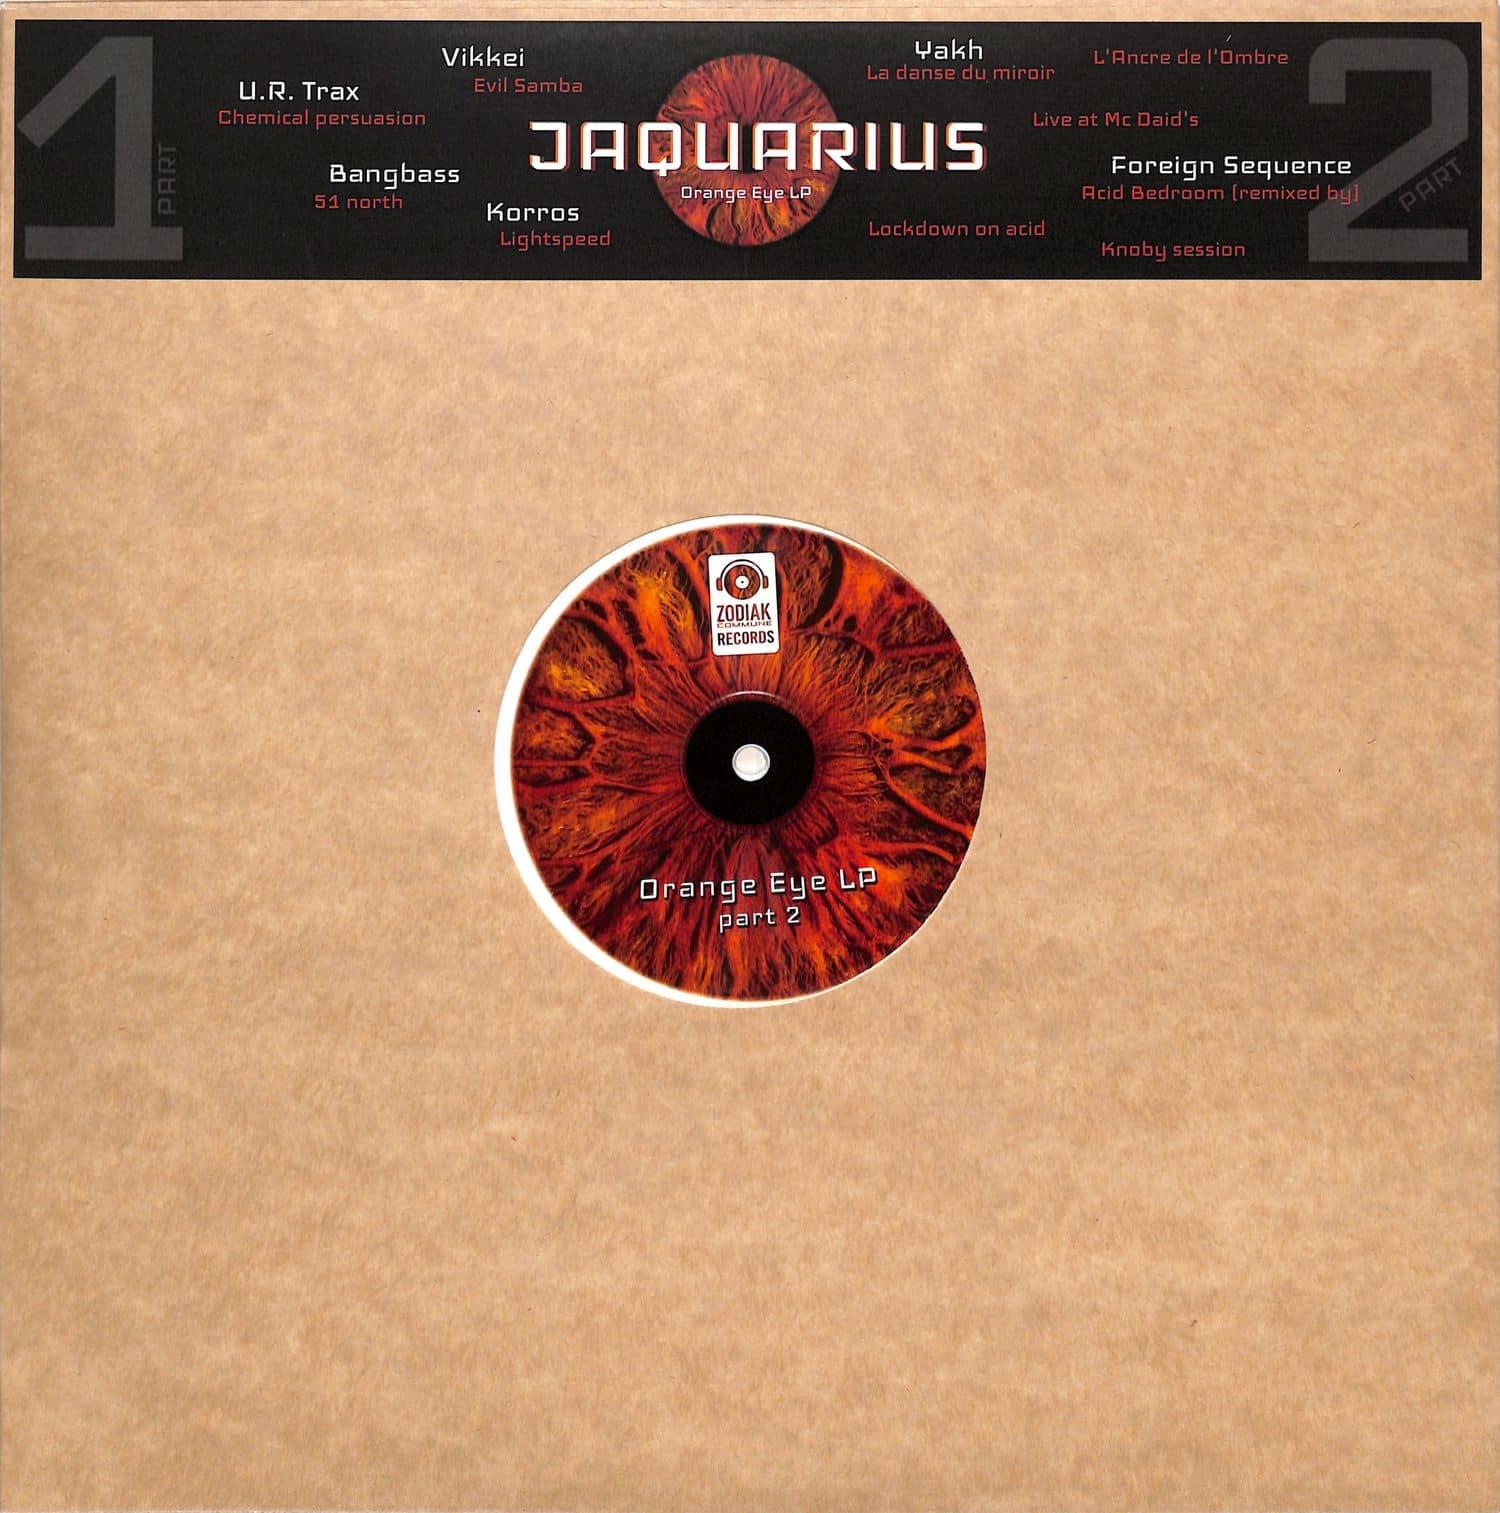 Jaquarius - ORANGE EYE LP PART 2